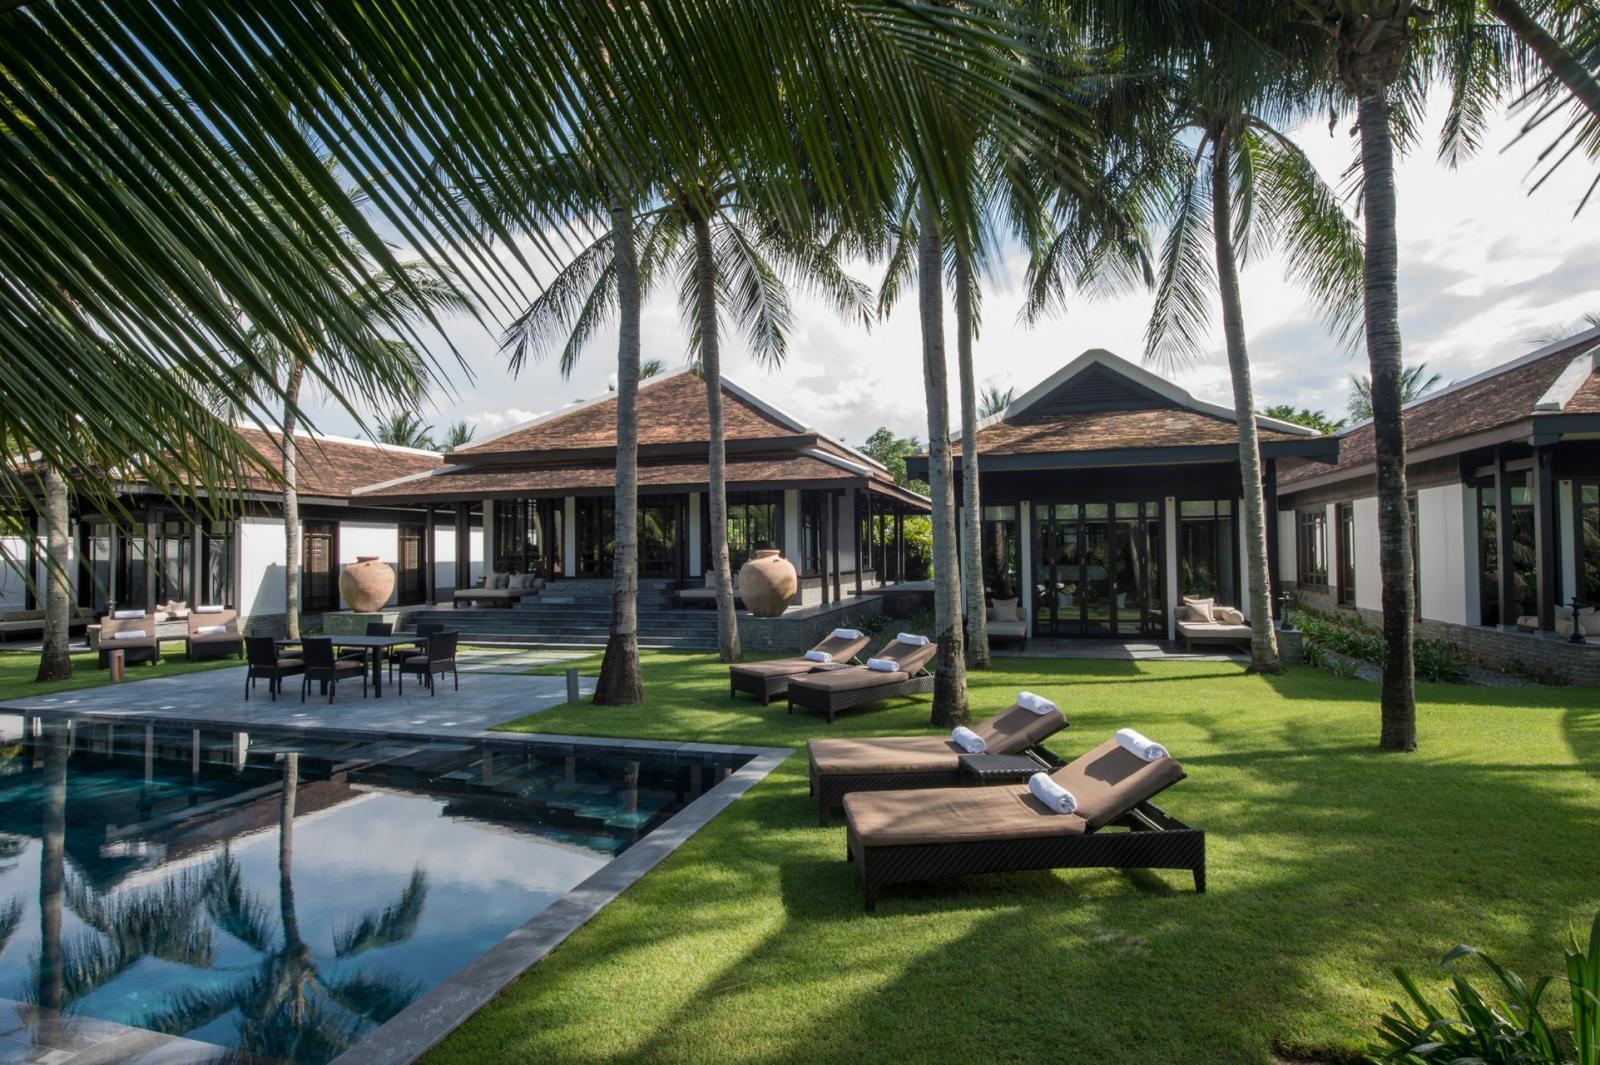 Resort cao cấp luôn mang tới những dịch vụ chất lượng nhất tới du khách